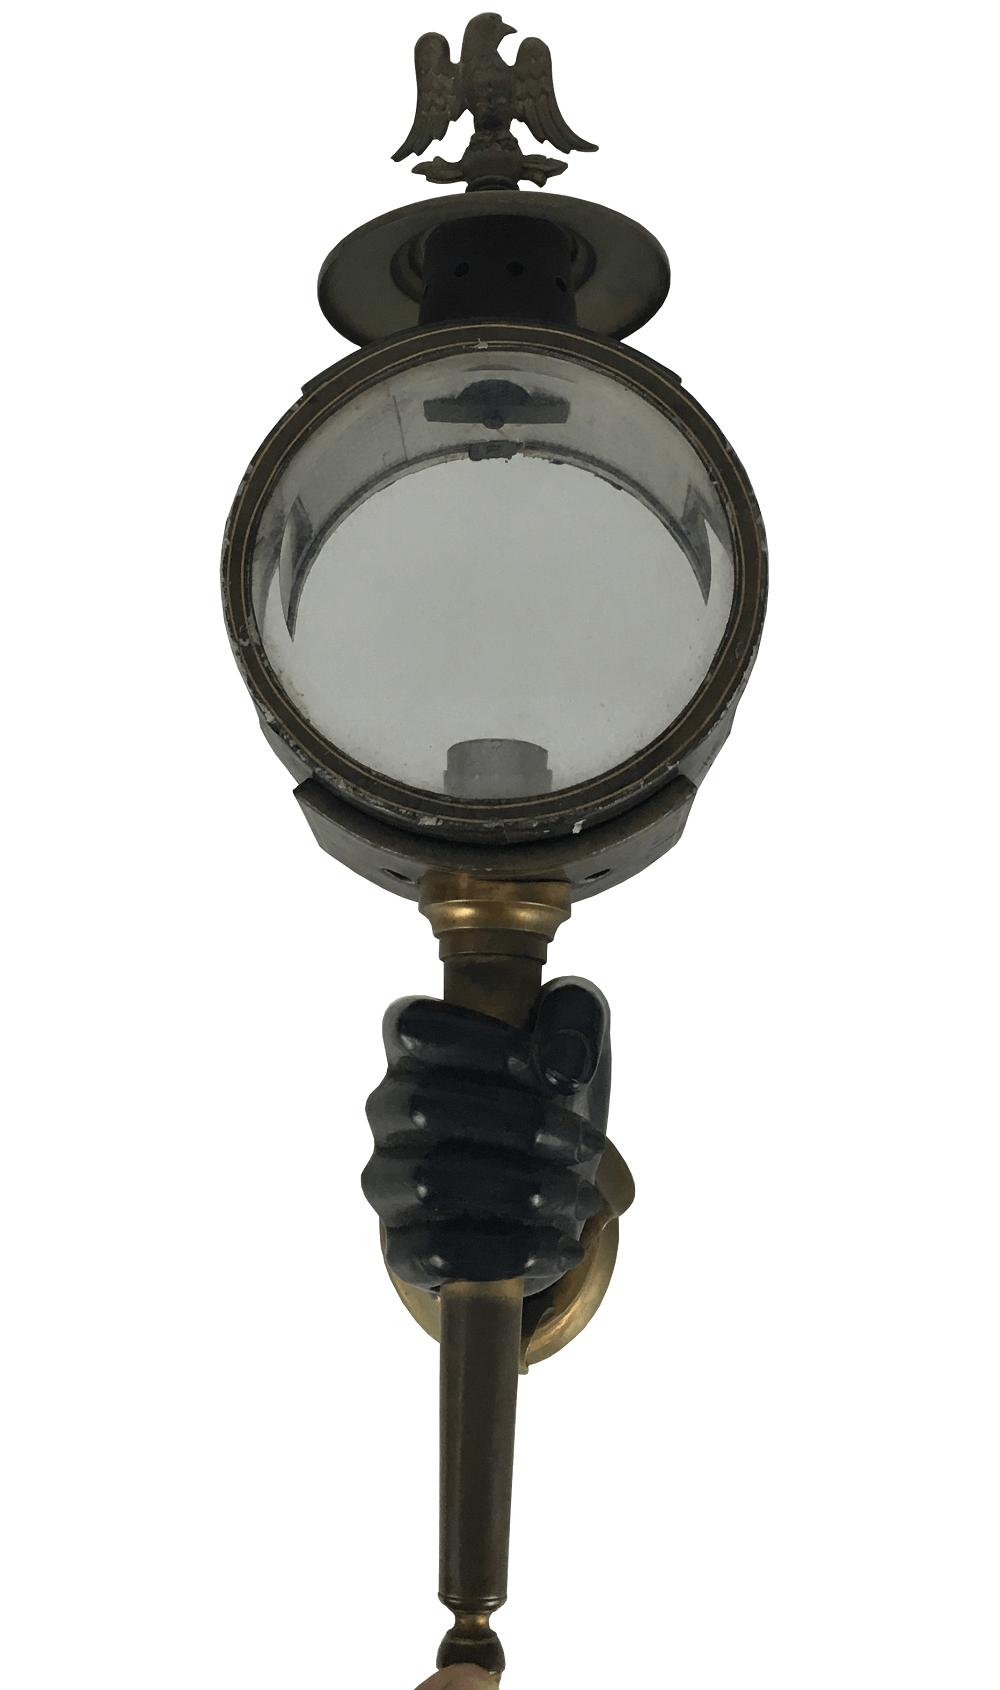 Magnifica Arandela Luminaria De Parede Antiga BlackAmoor Madeira E Metal